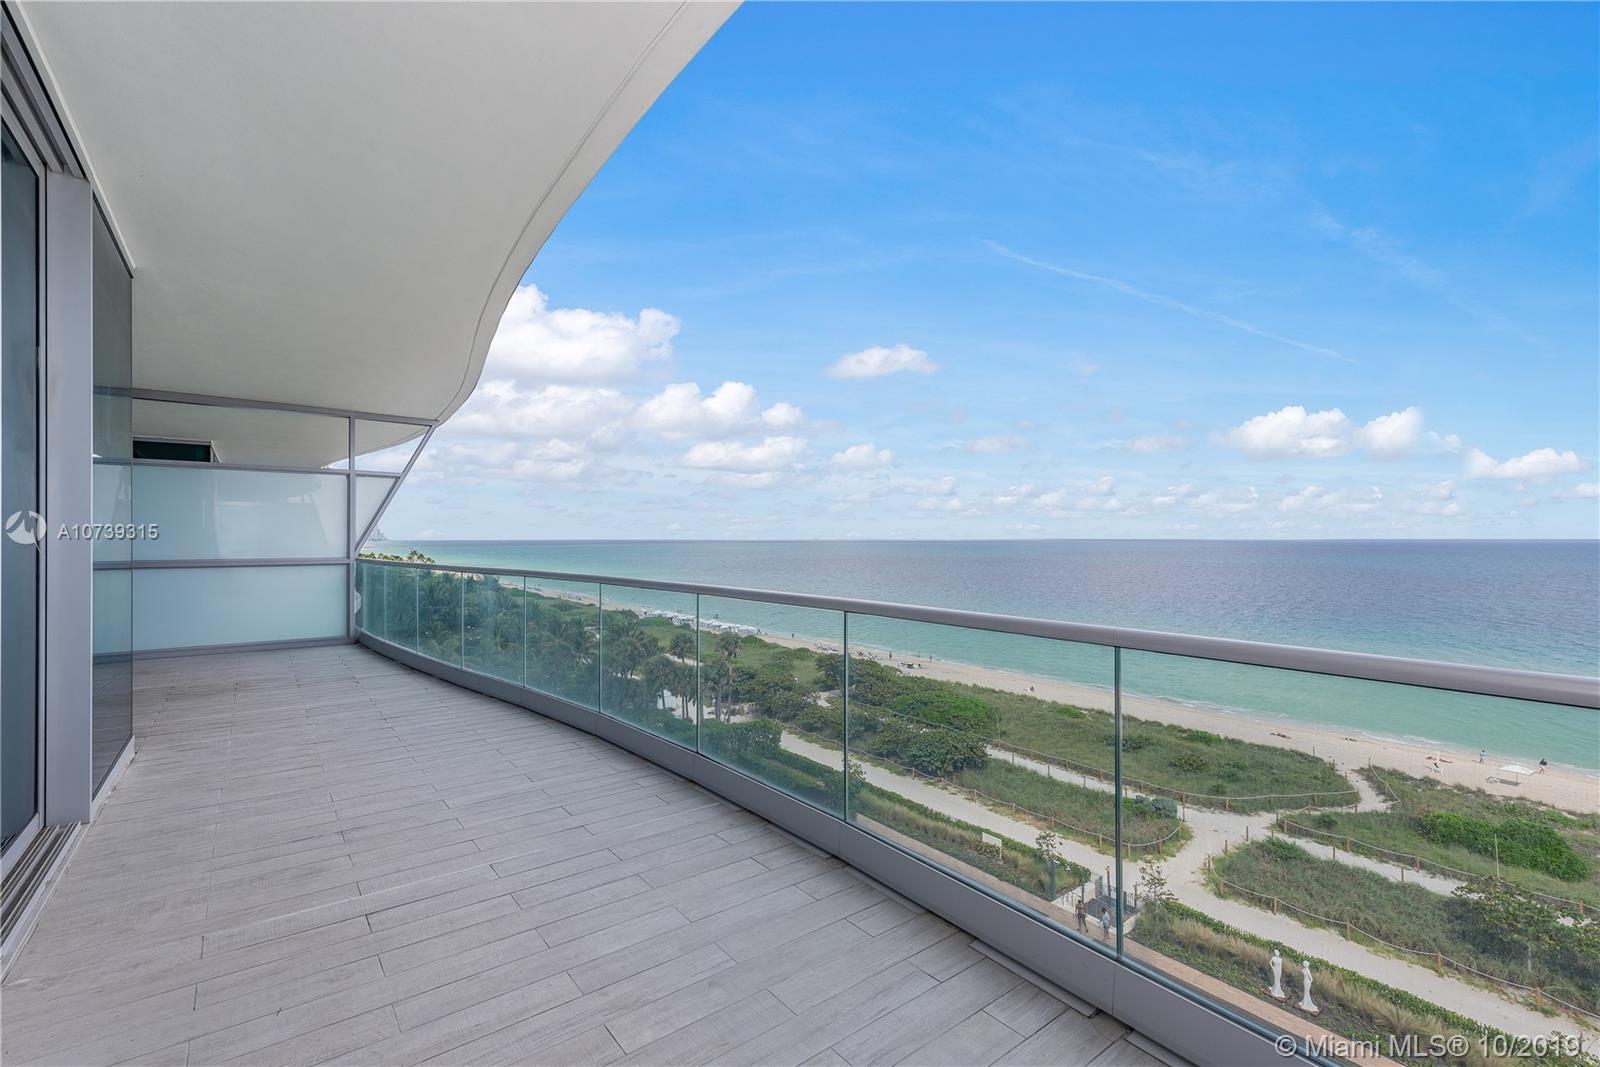 9349 Collins #705, Surfside, FL 33154 - Surfside, FL real estate listing